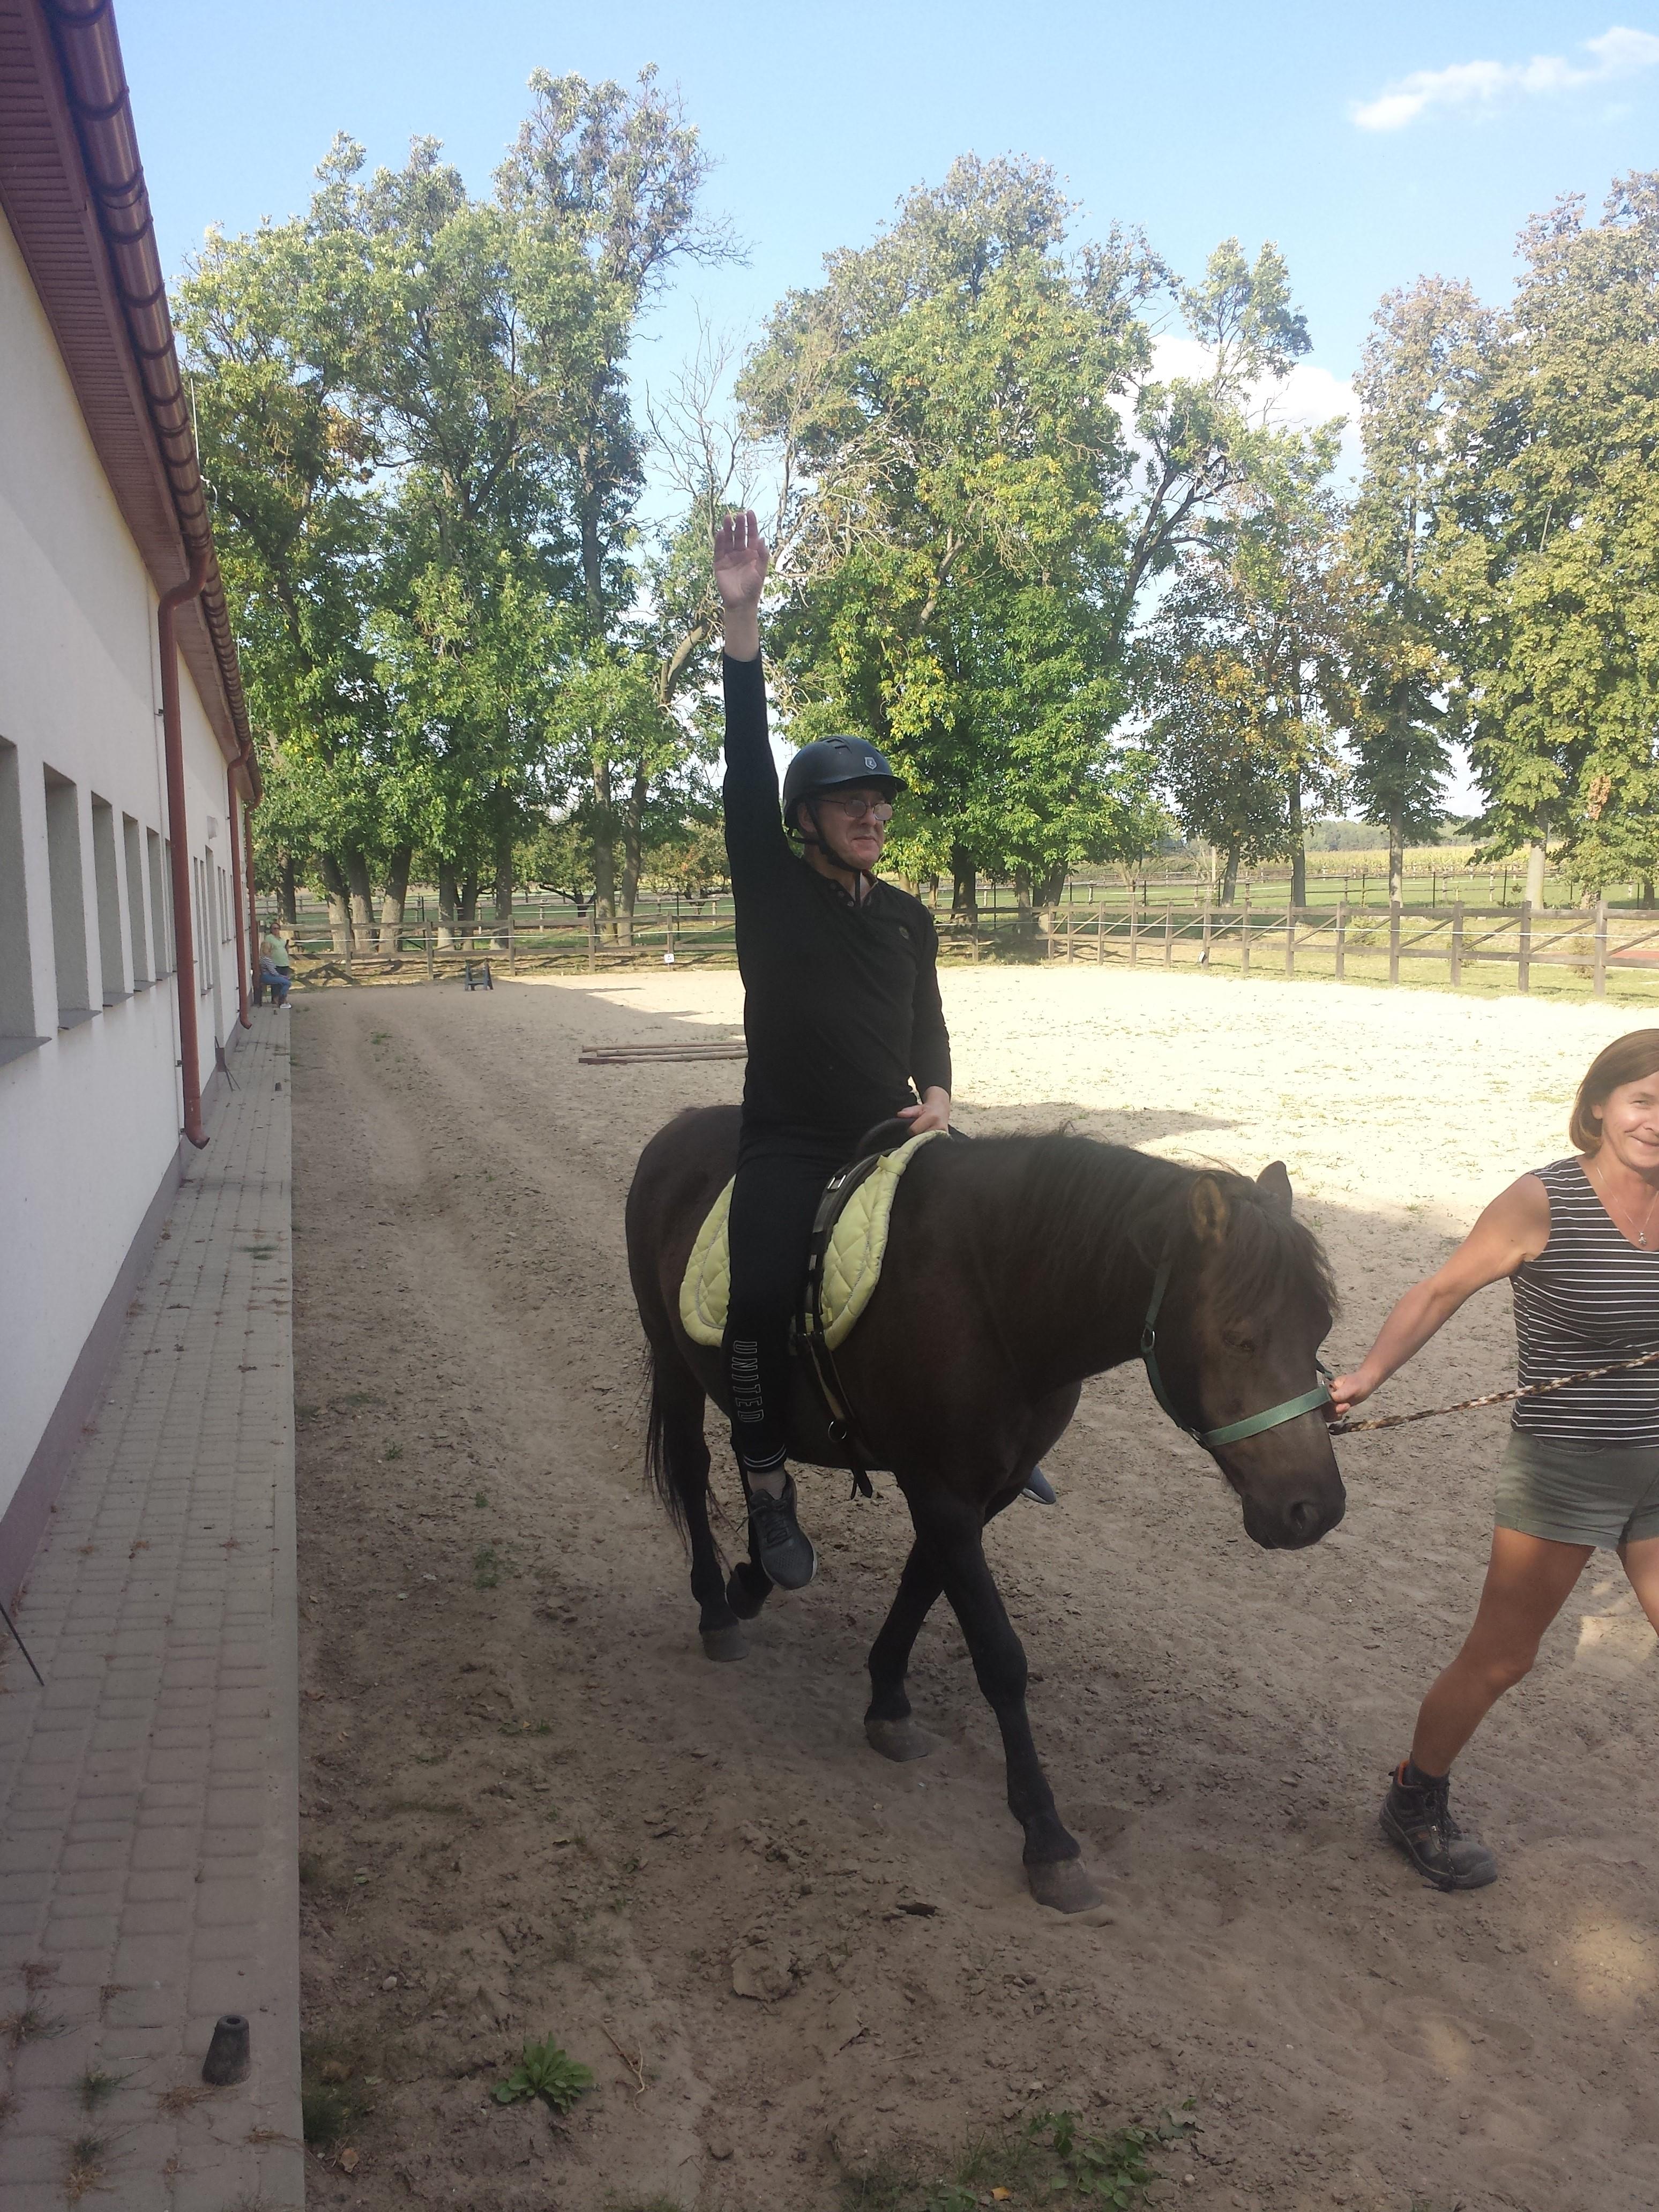 Mężczyzna w okularach, ubrany na czarno, na głowie dżokejka.  Siedzi na koniu prowadzonym przez trenera jazdy konnej i unosi pionowo w górę prawą rękę. Idą wzdłuż budynku, z prawej strony przestrzeń otoczona licznymi drzewami.